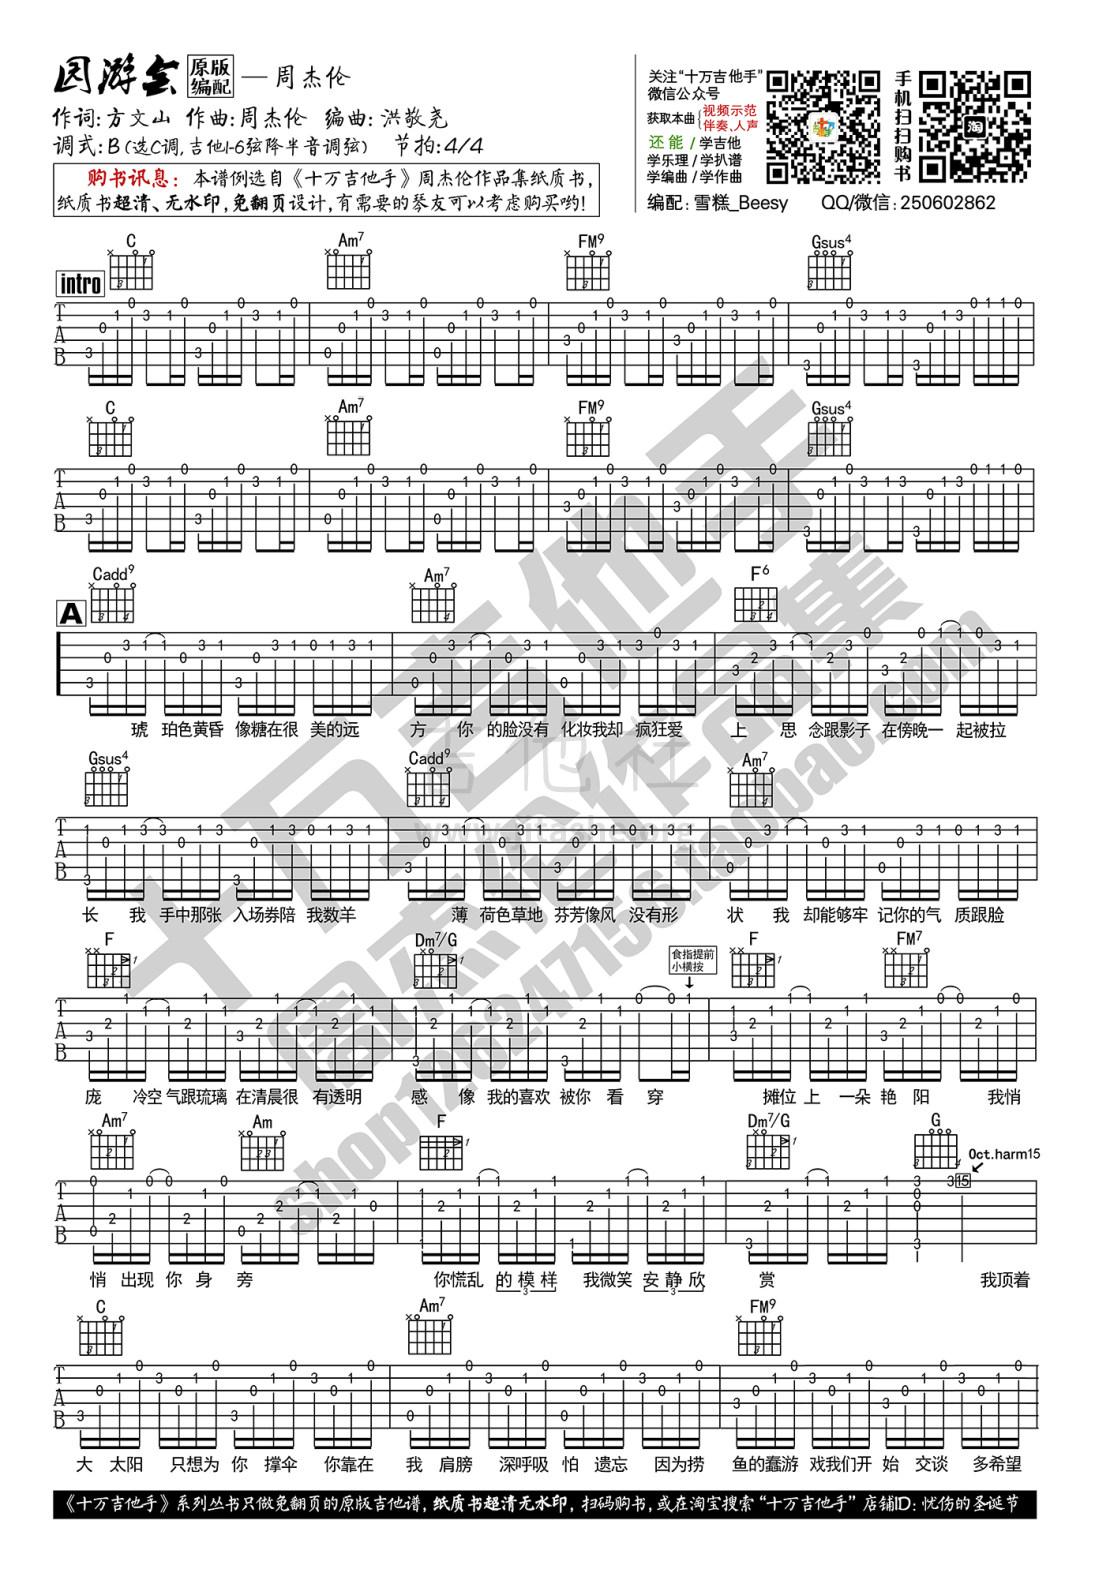 园游会(原版编配 十万吉他手)吉他谱(图片谱,弹唱,C调)_周杰伦(Jay Chou)_周杰伦 园游会 吉他谱1.jpg